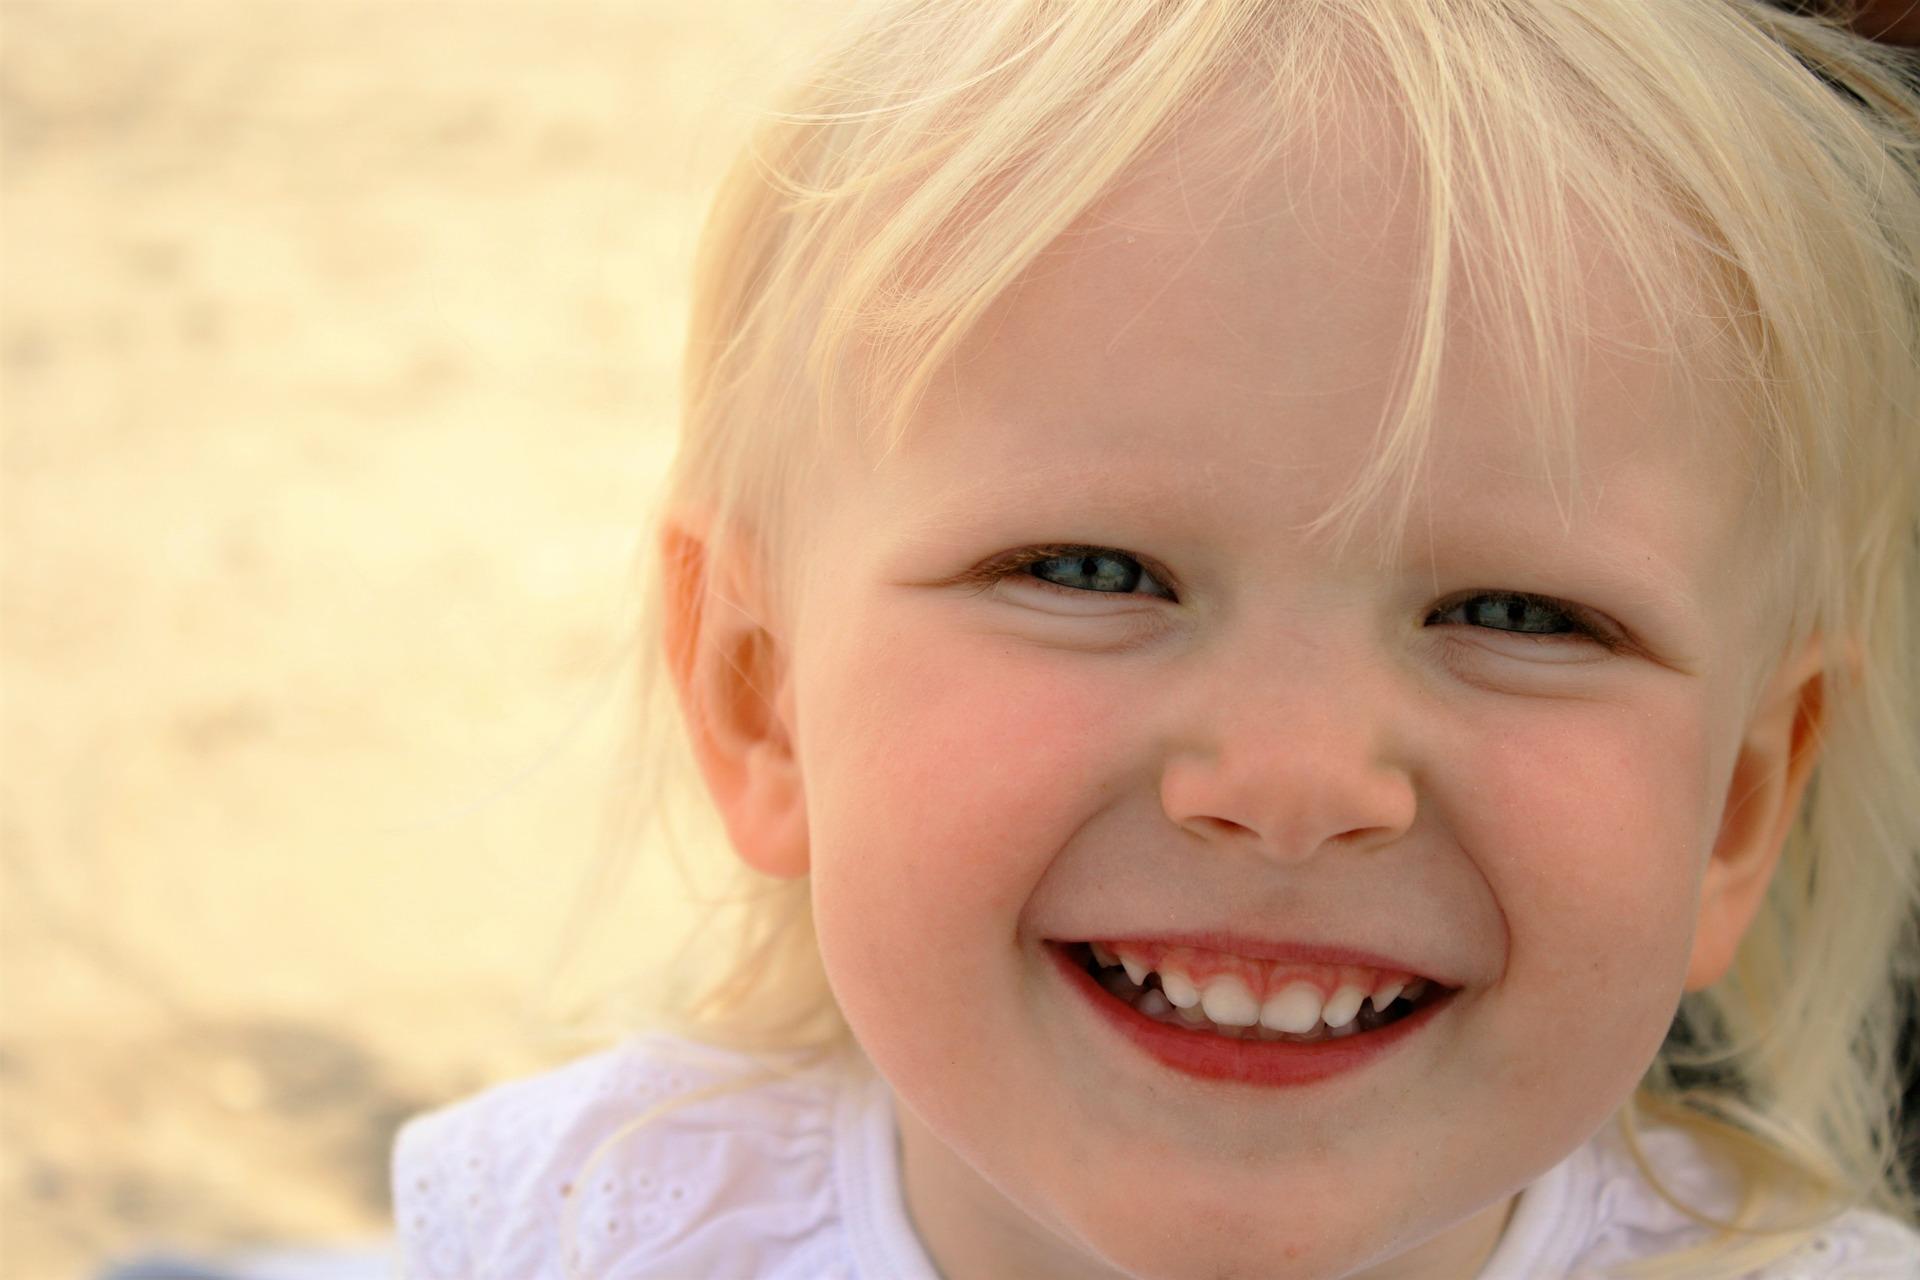 Jente 6 år stråler til kamera